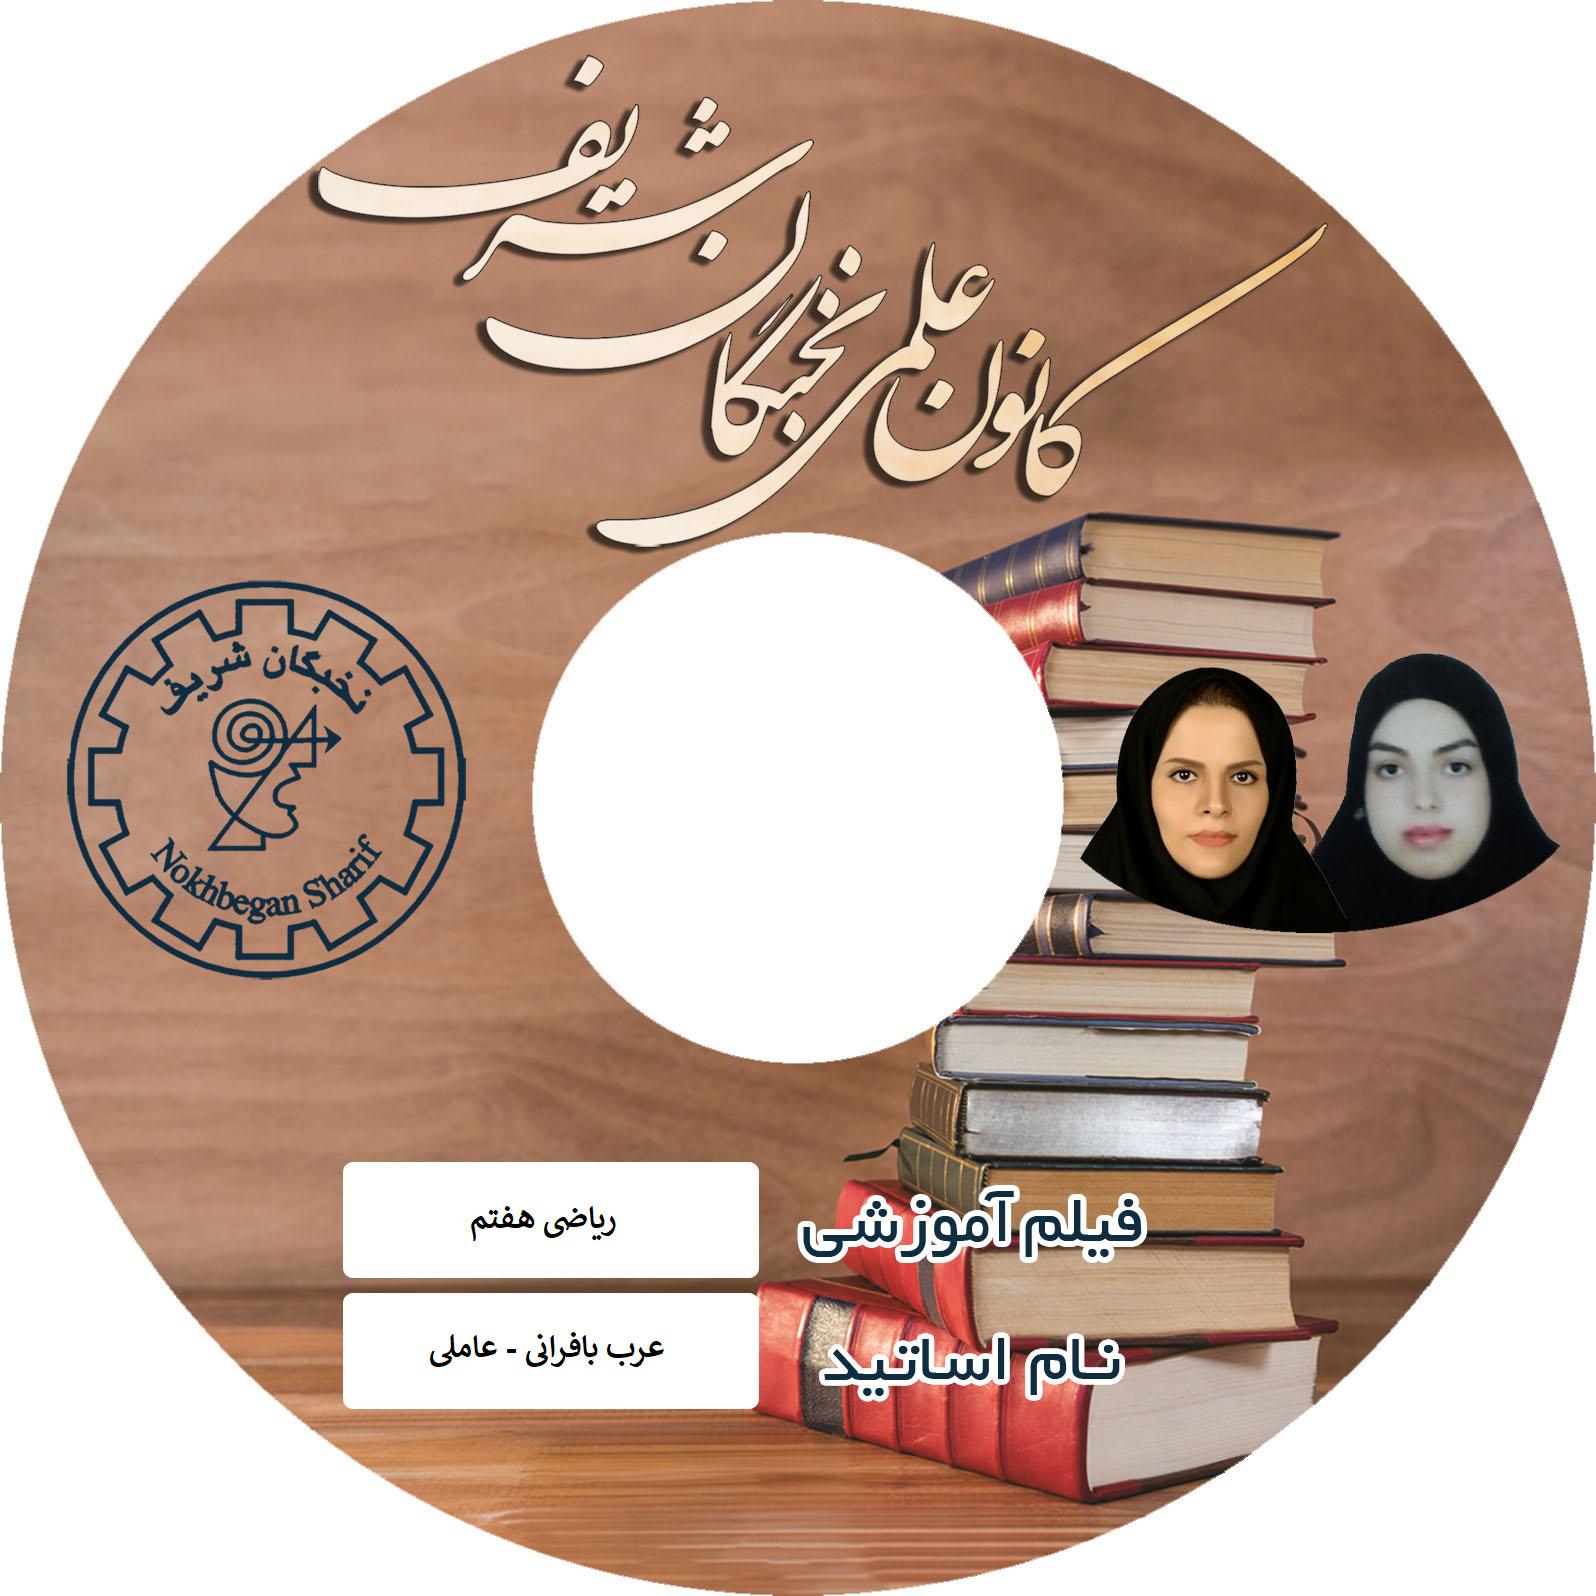 آموزش تصویری ریاضی هفتم نشر نخبگان شریف